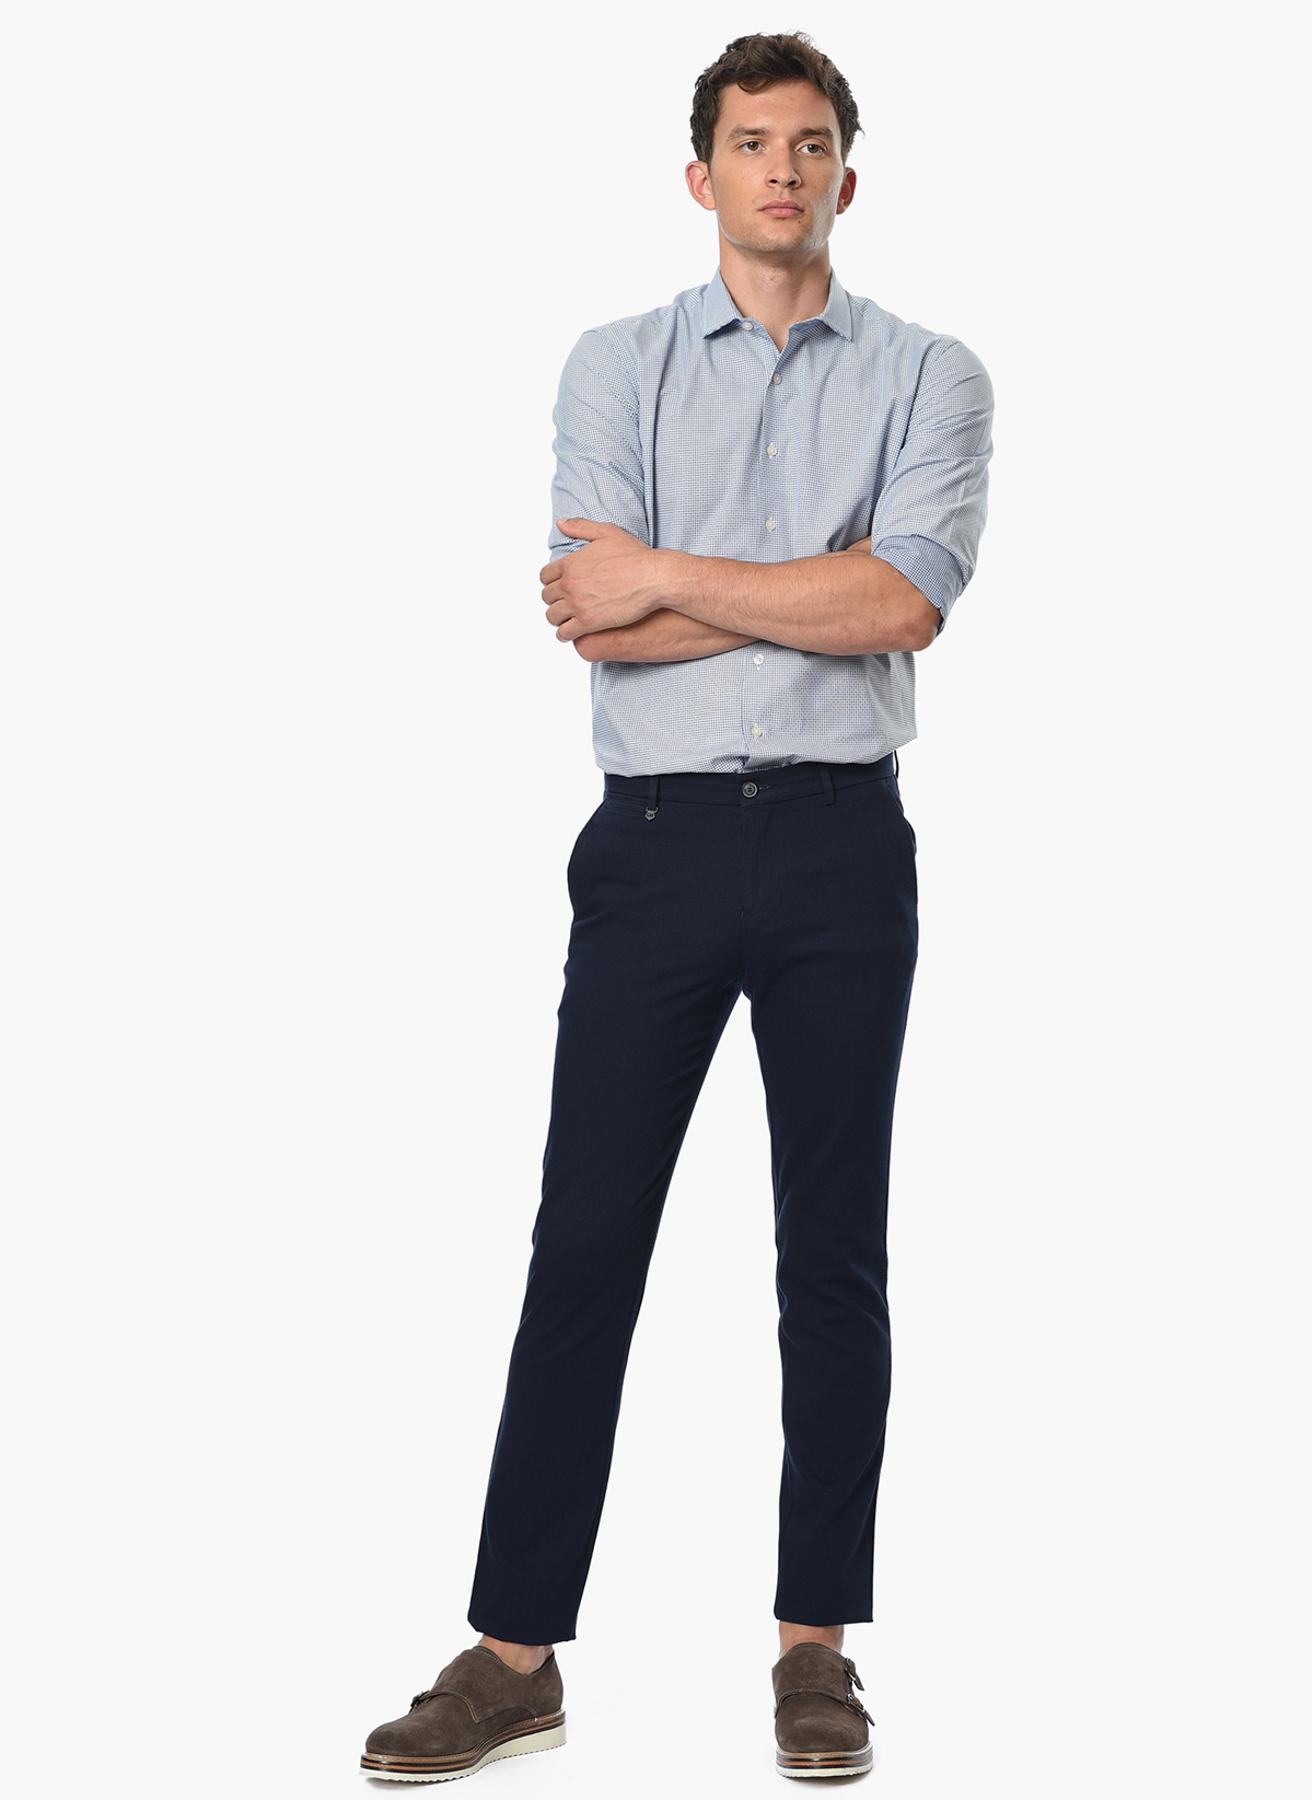 George Hogg Casual Lacivert Klasik Pantolon 56-6 5001699433006 Ürün Resmi